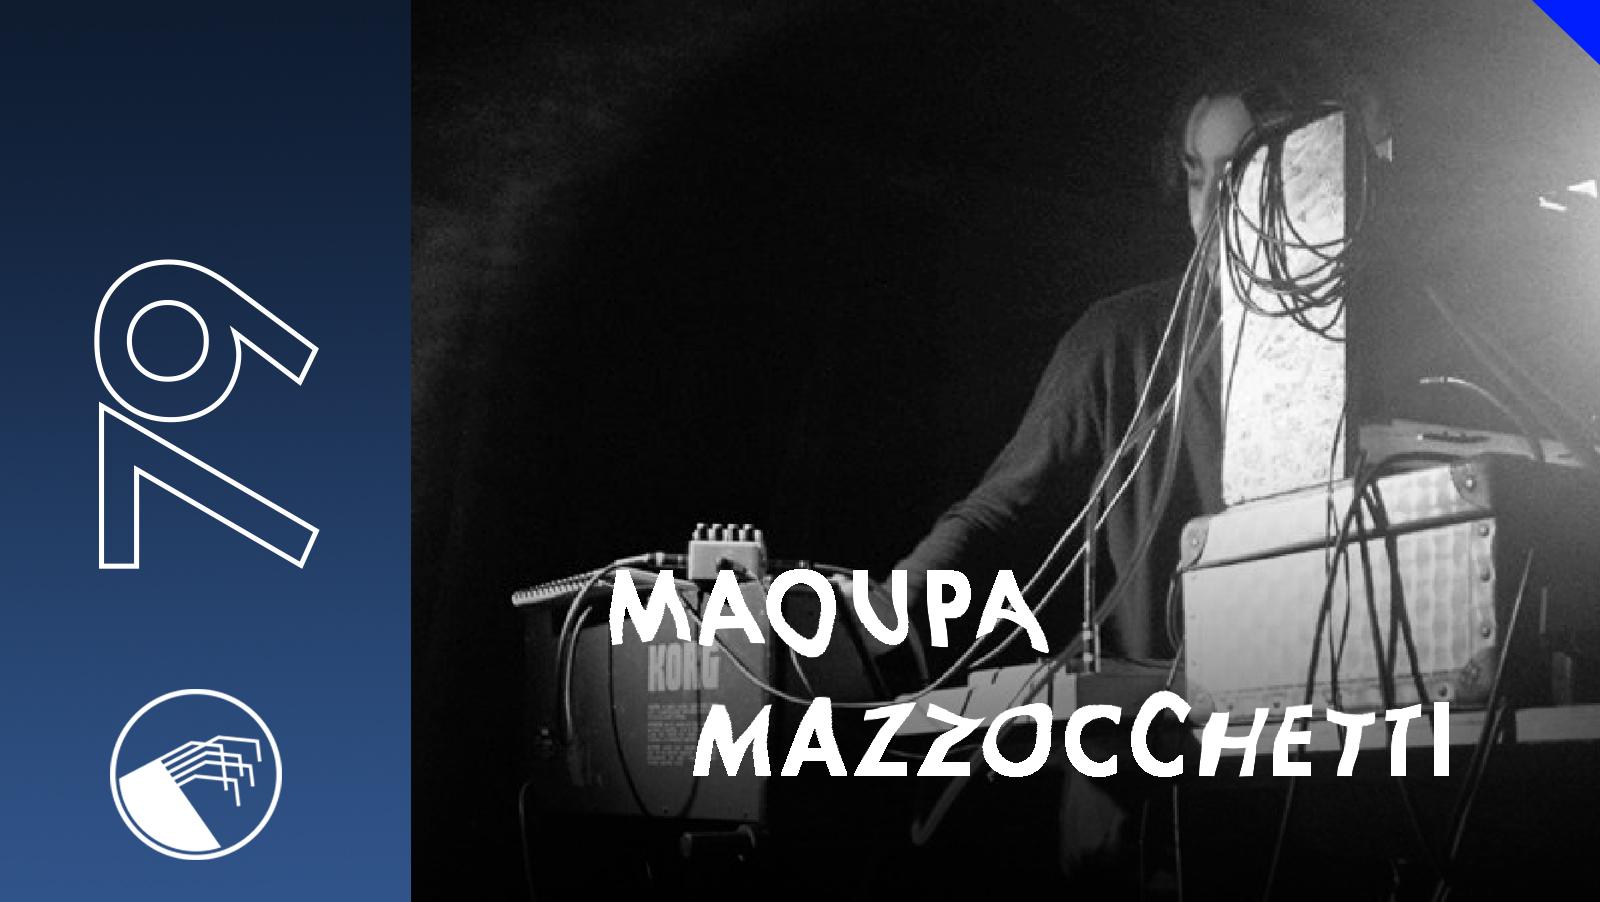 079 Maoupa Mazzocchetti